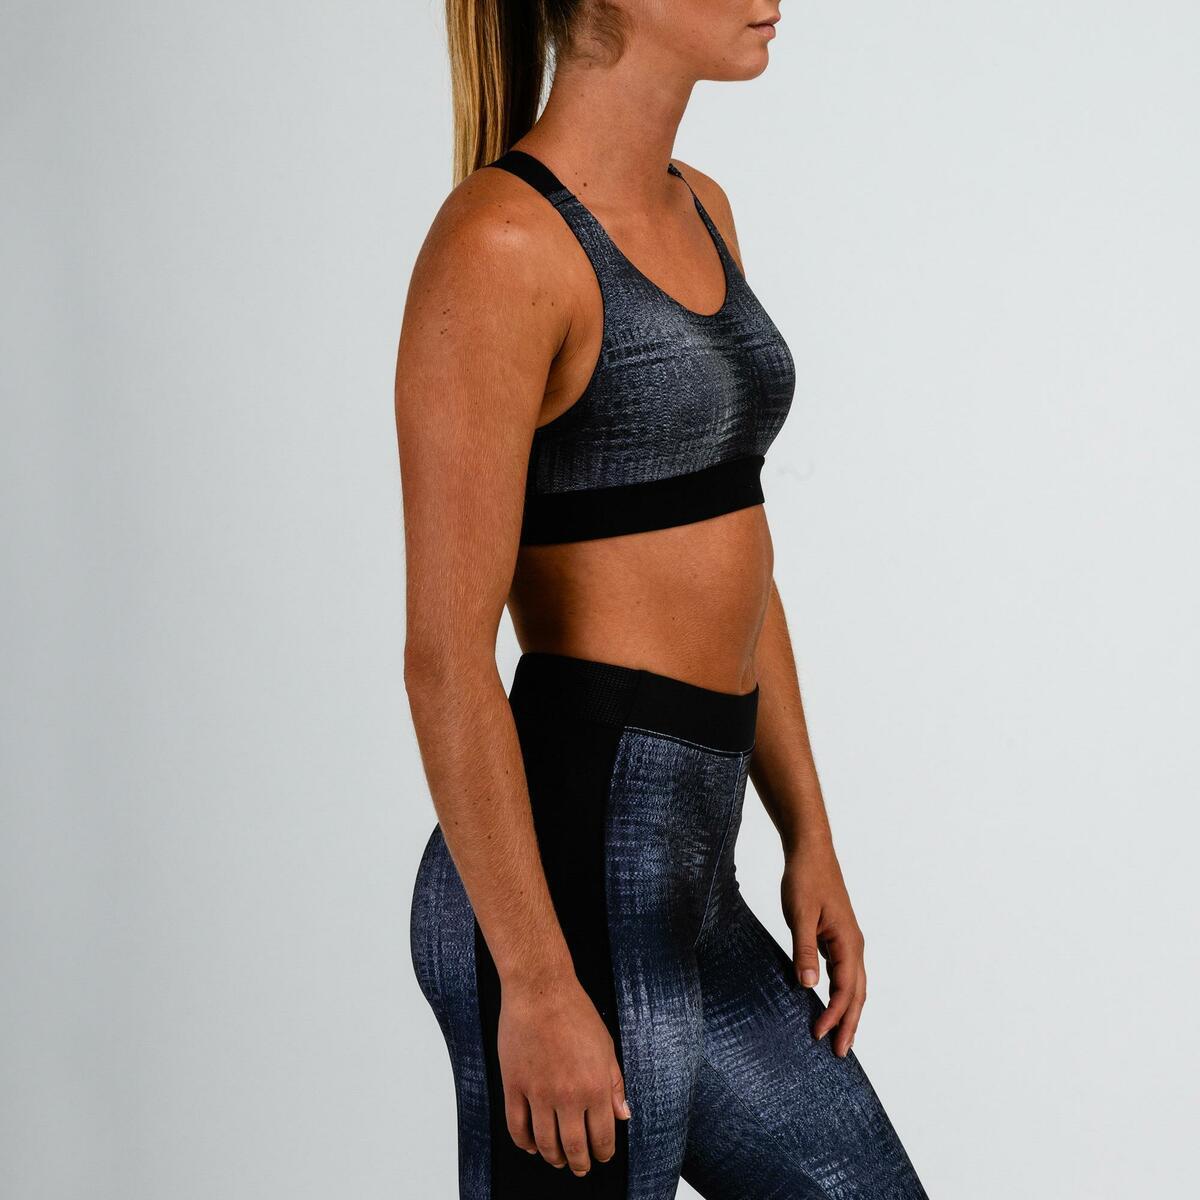 Bild 3 von Sport-Bustier 500 Fitness Cardio Damen grau mit Print